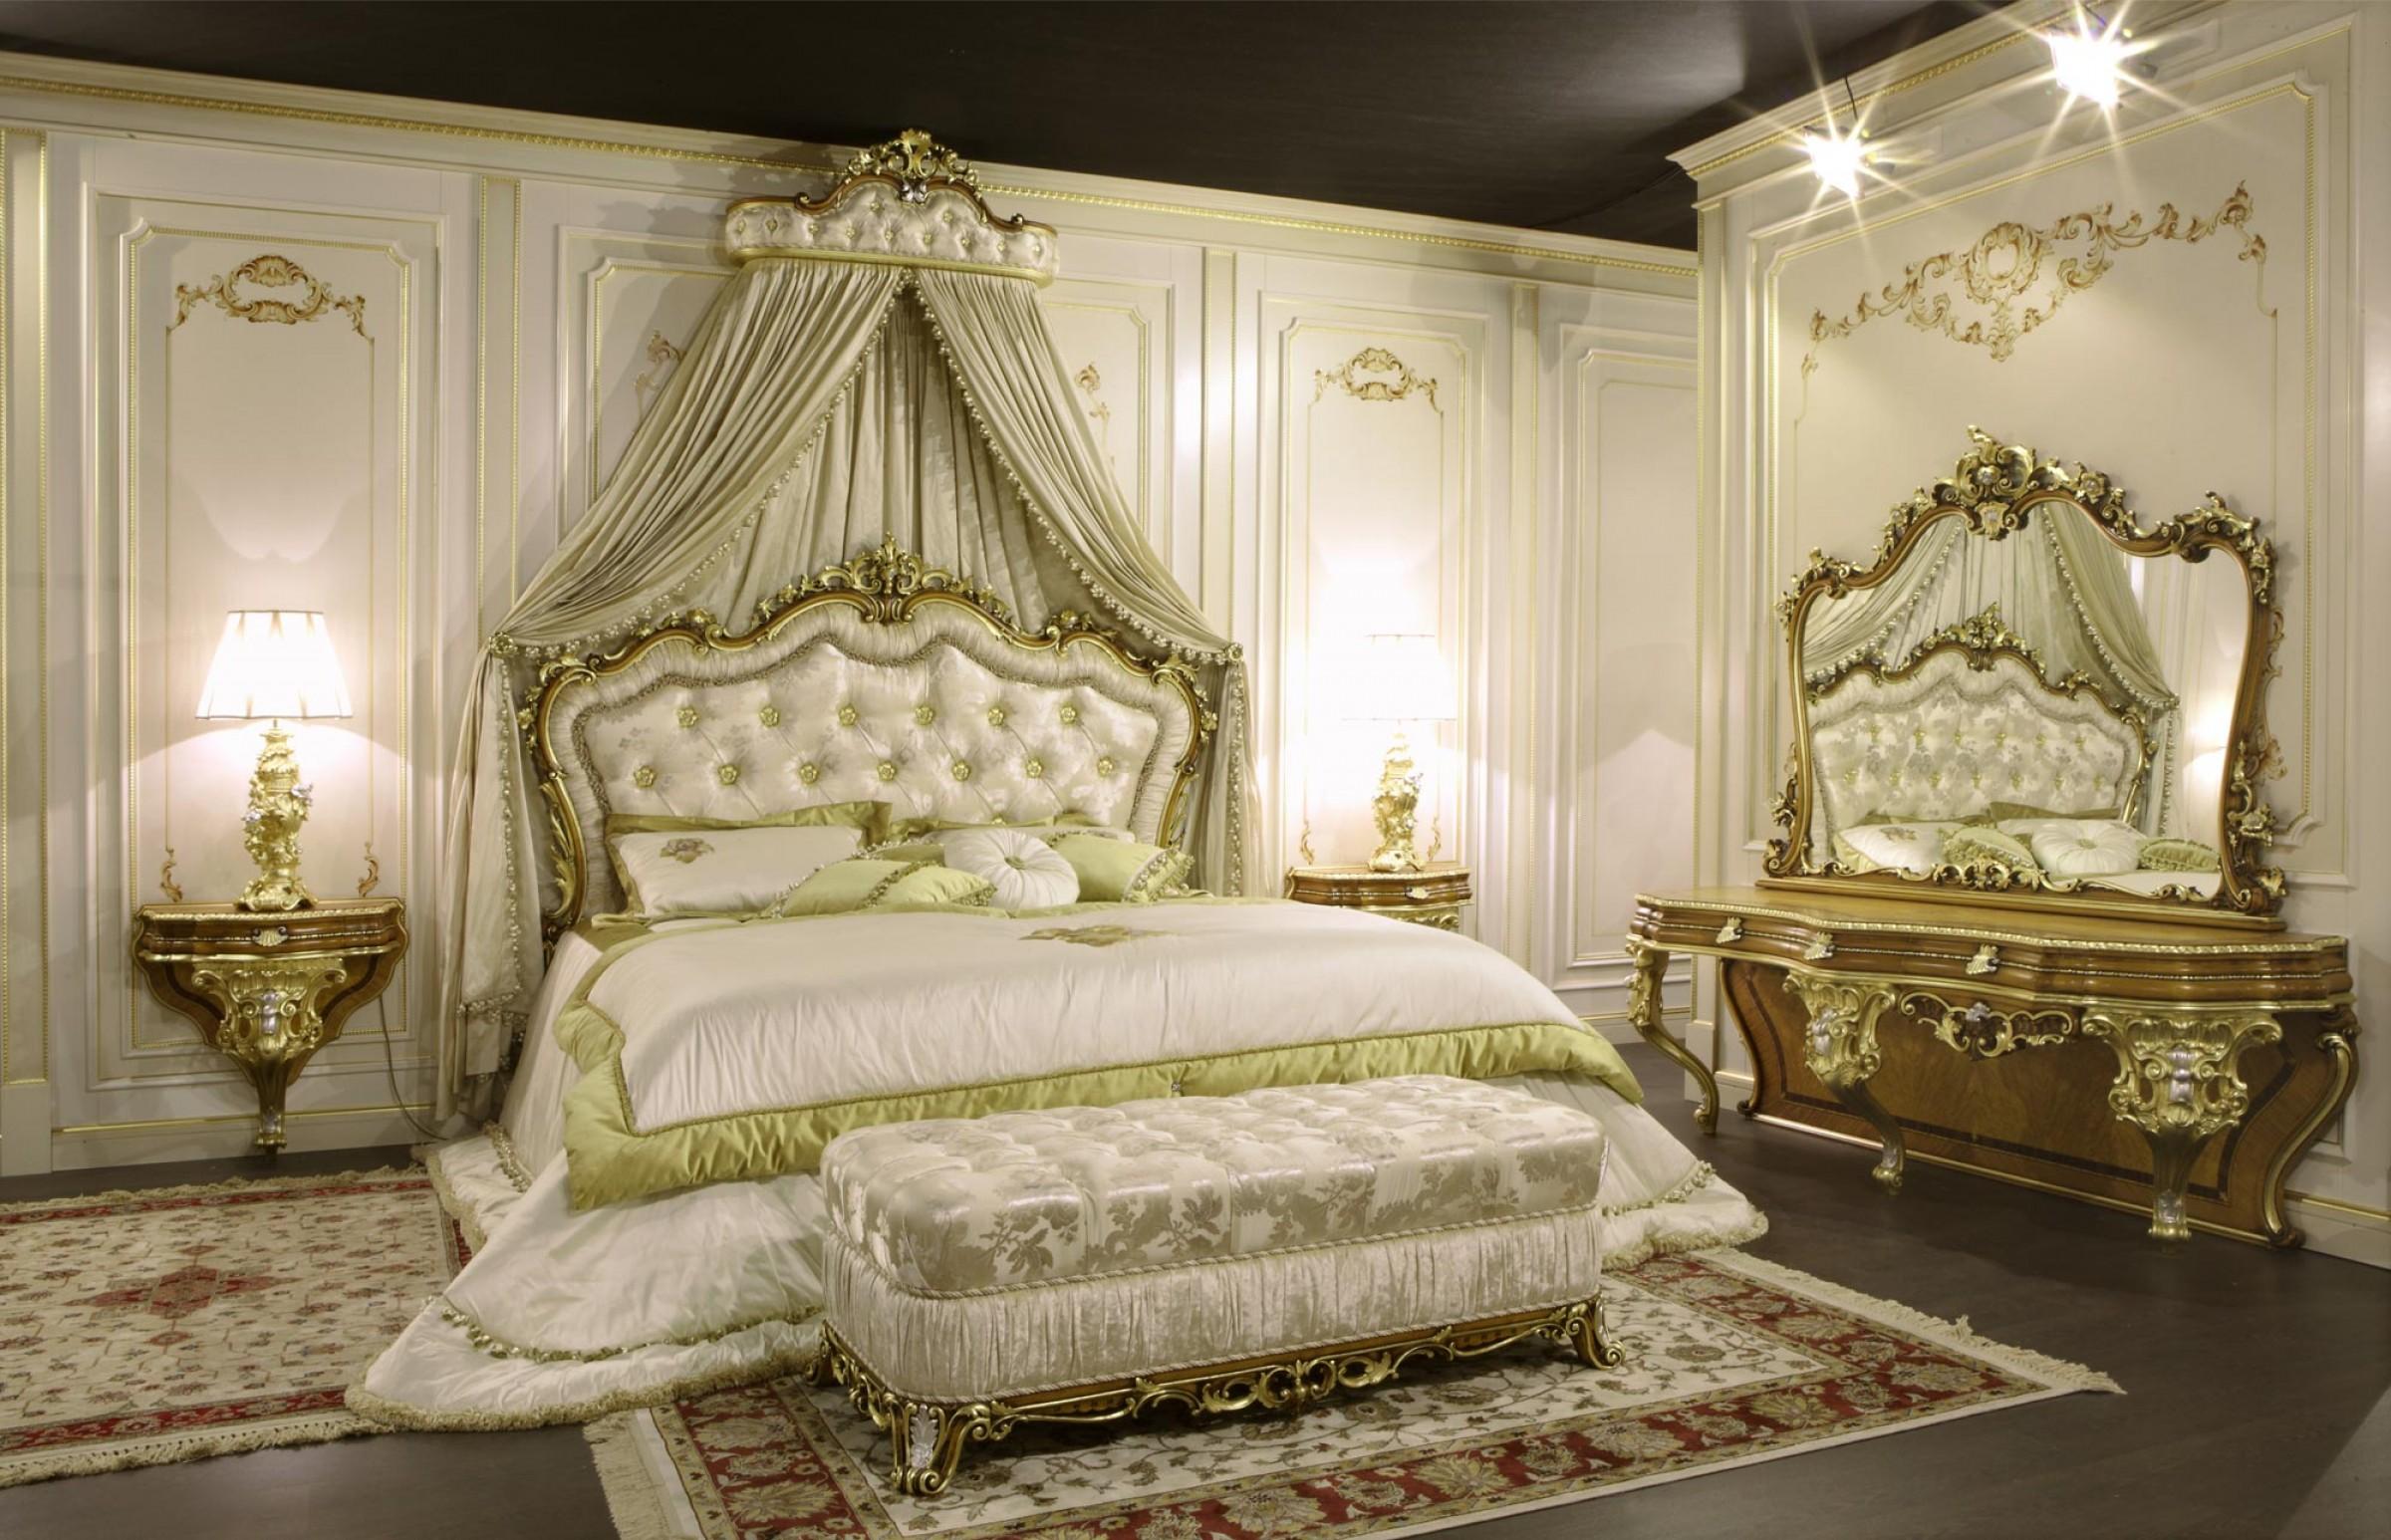 В рококо спальне всегда присутствует лепнина белого или золотого цвета